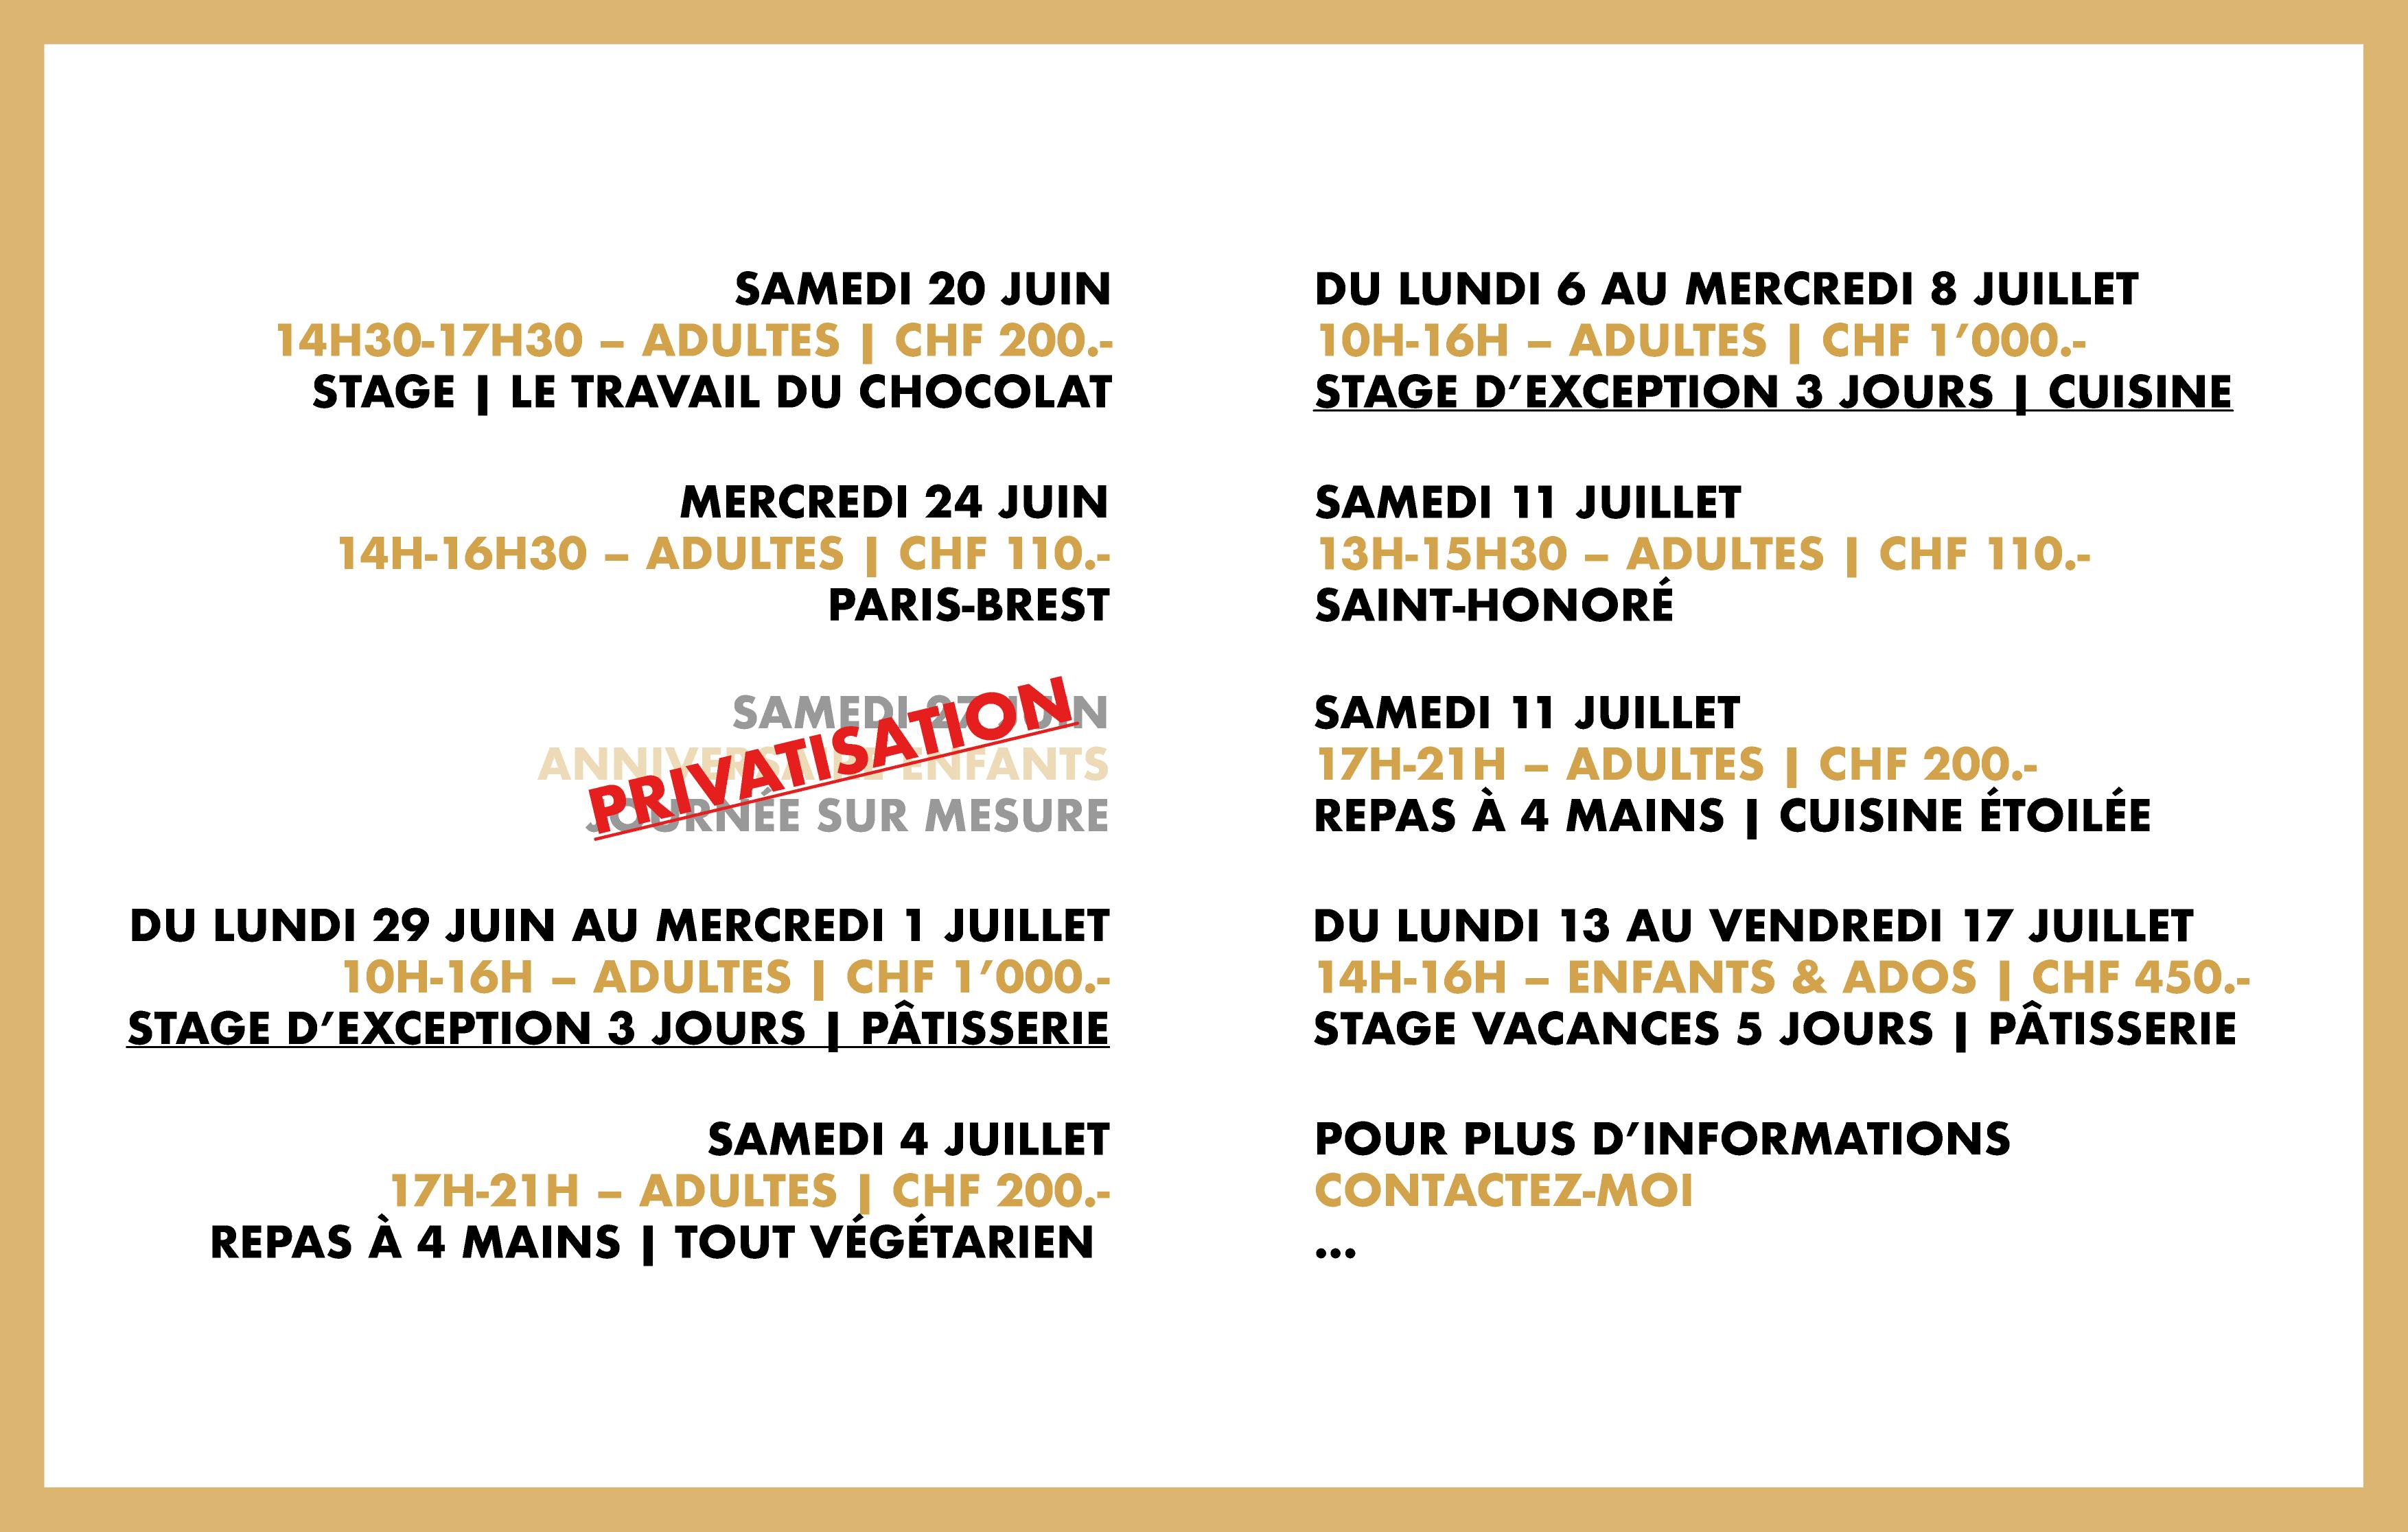 Programme du mois de juin et juillet 2020